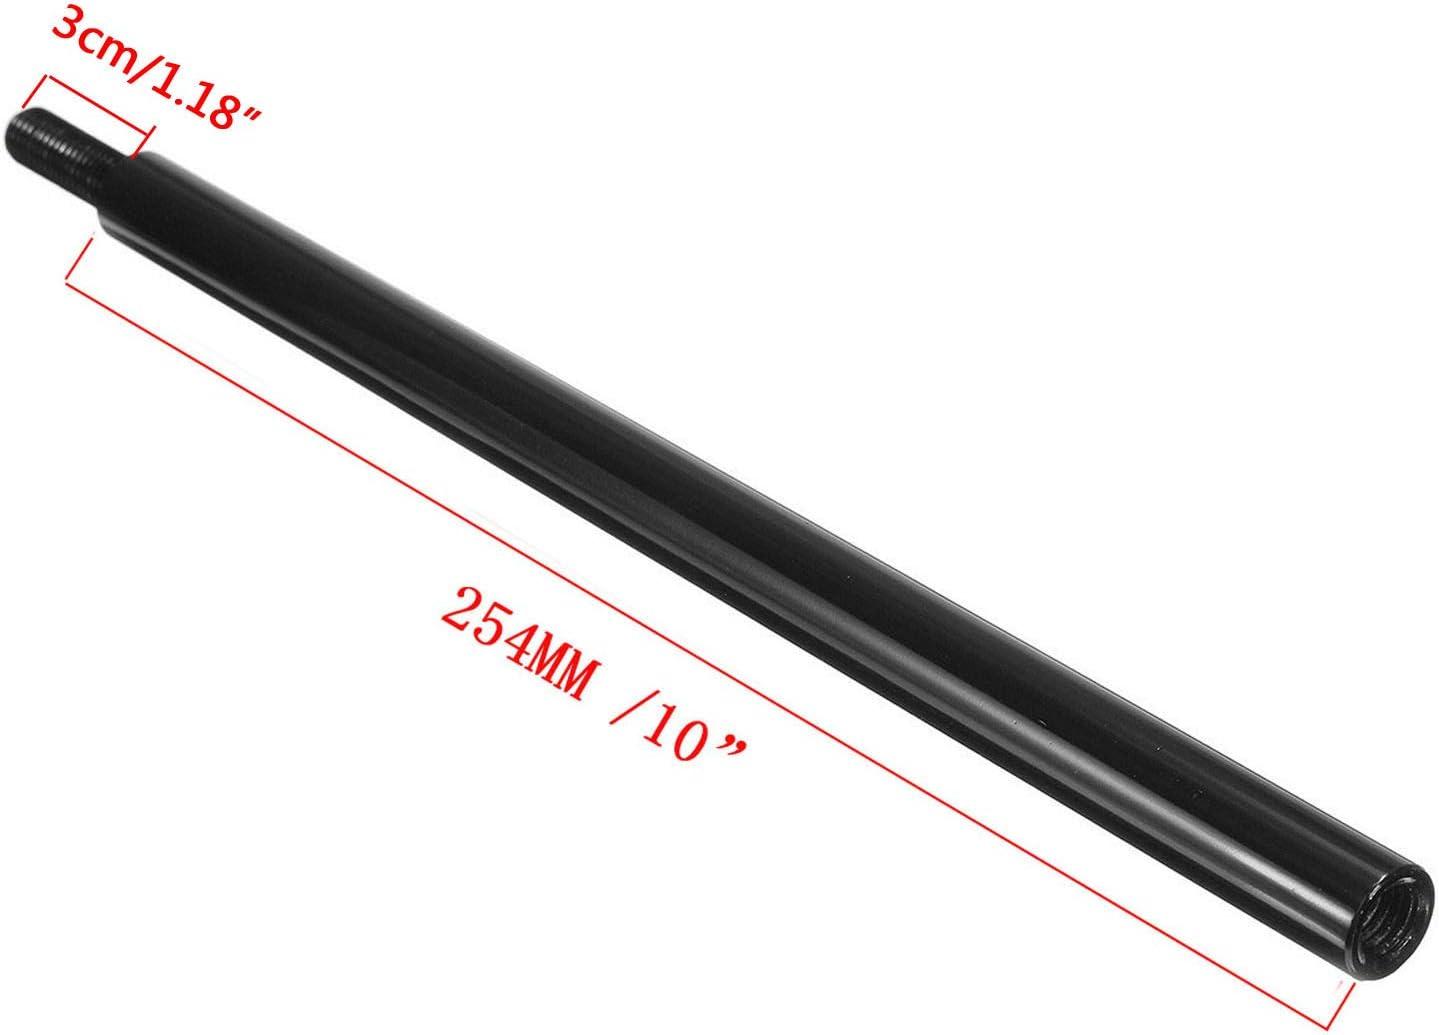 Pursuestar 10 Inch Black Aluminum Shift Knob Extender Extension for 5 6 Speed Manual Gear Shifter Lever 12X1.25